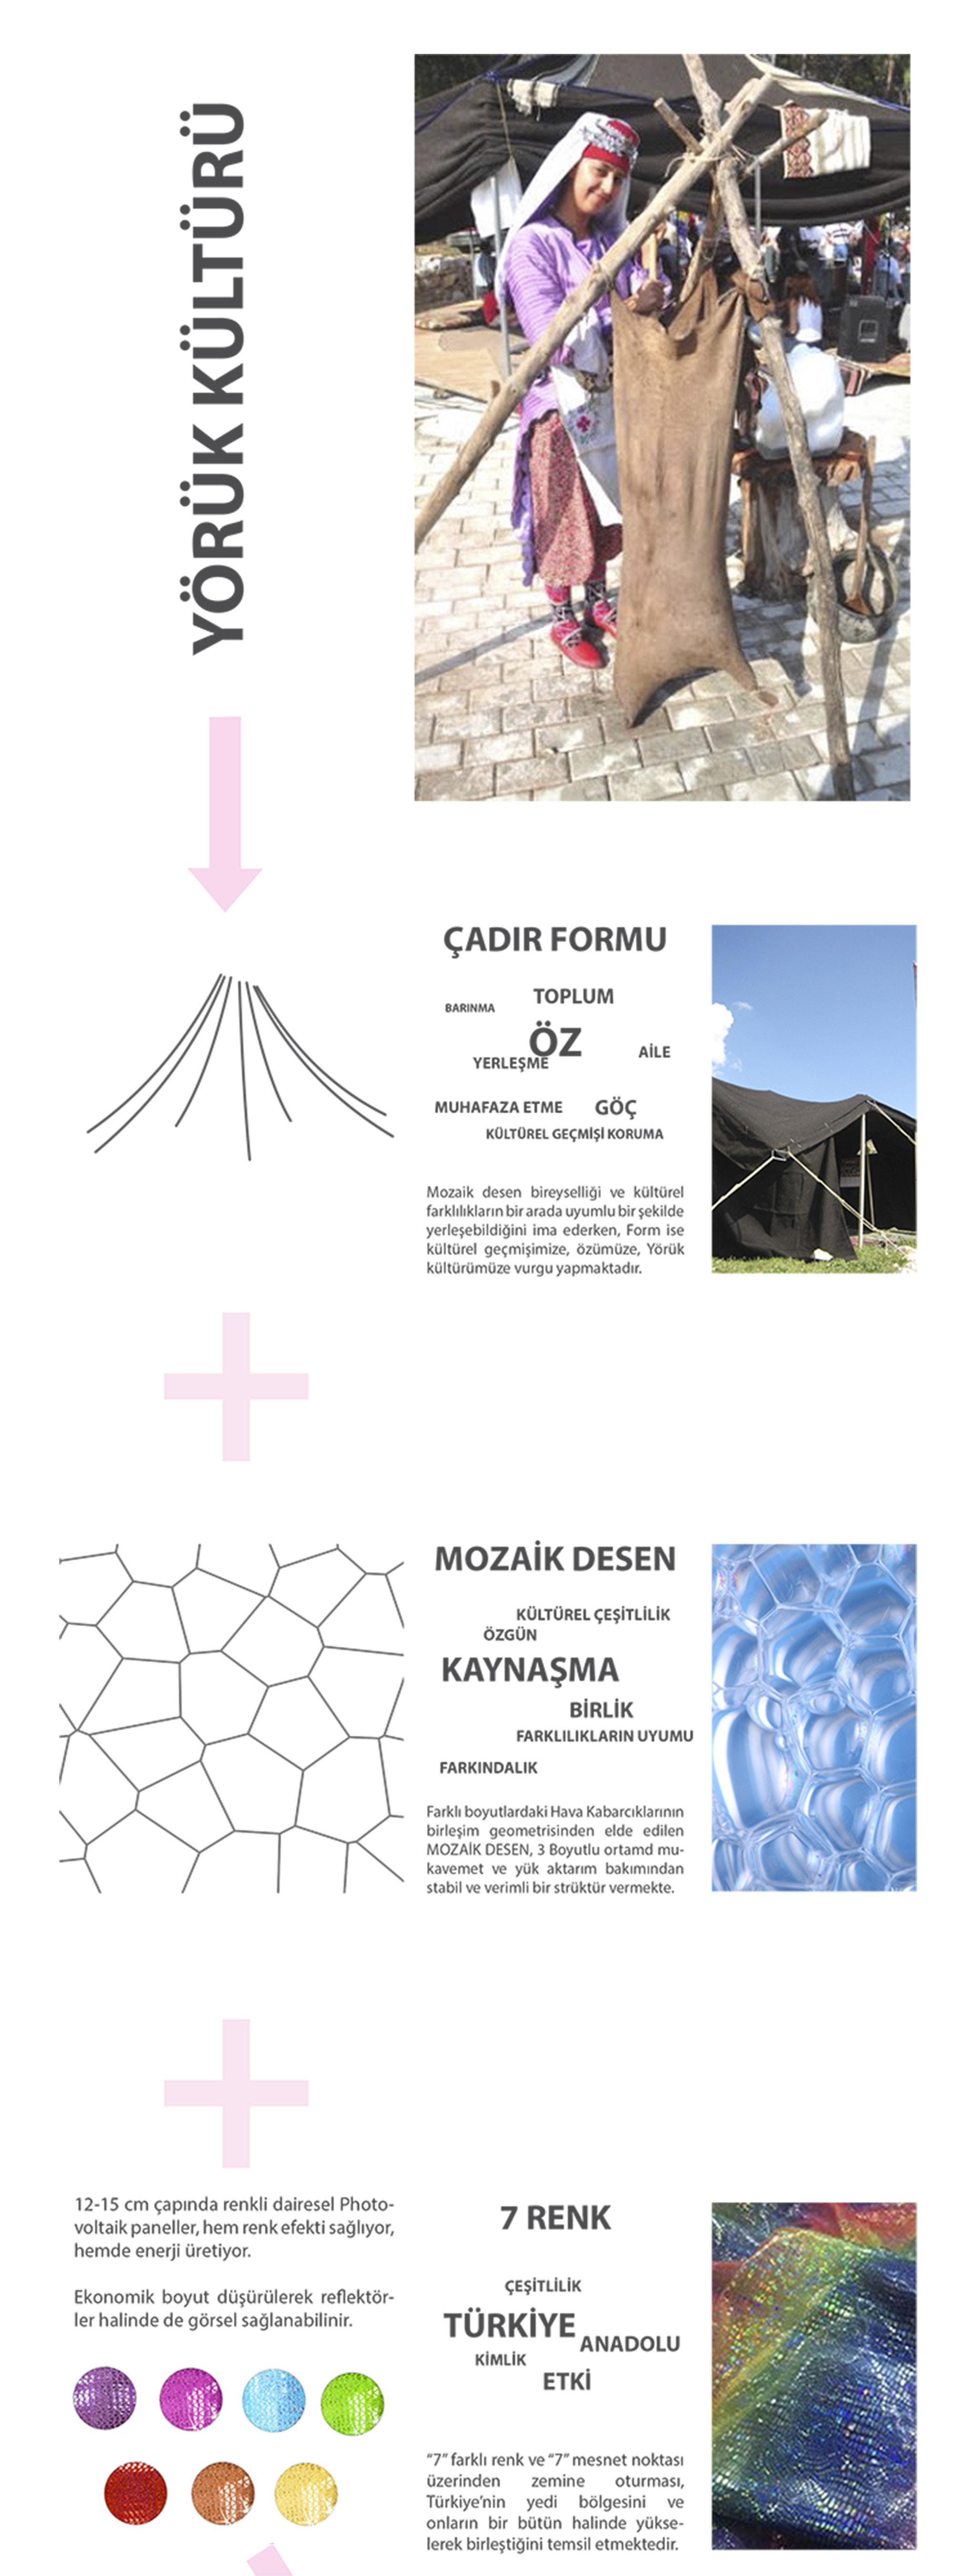 4 konsept 1